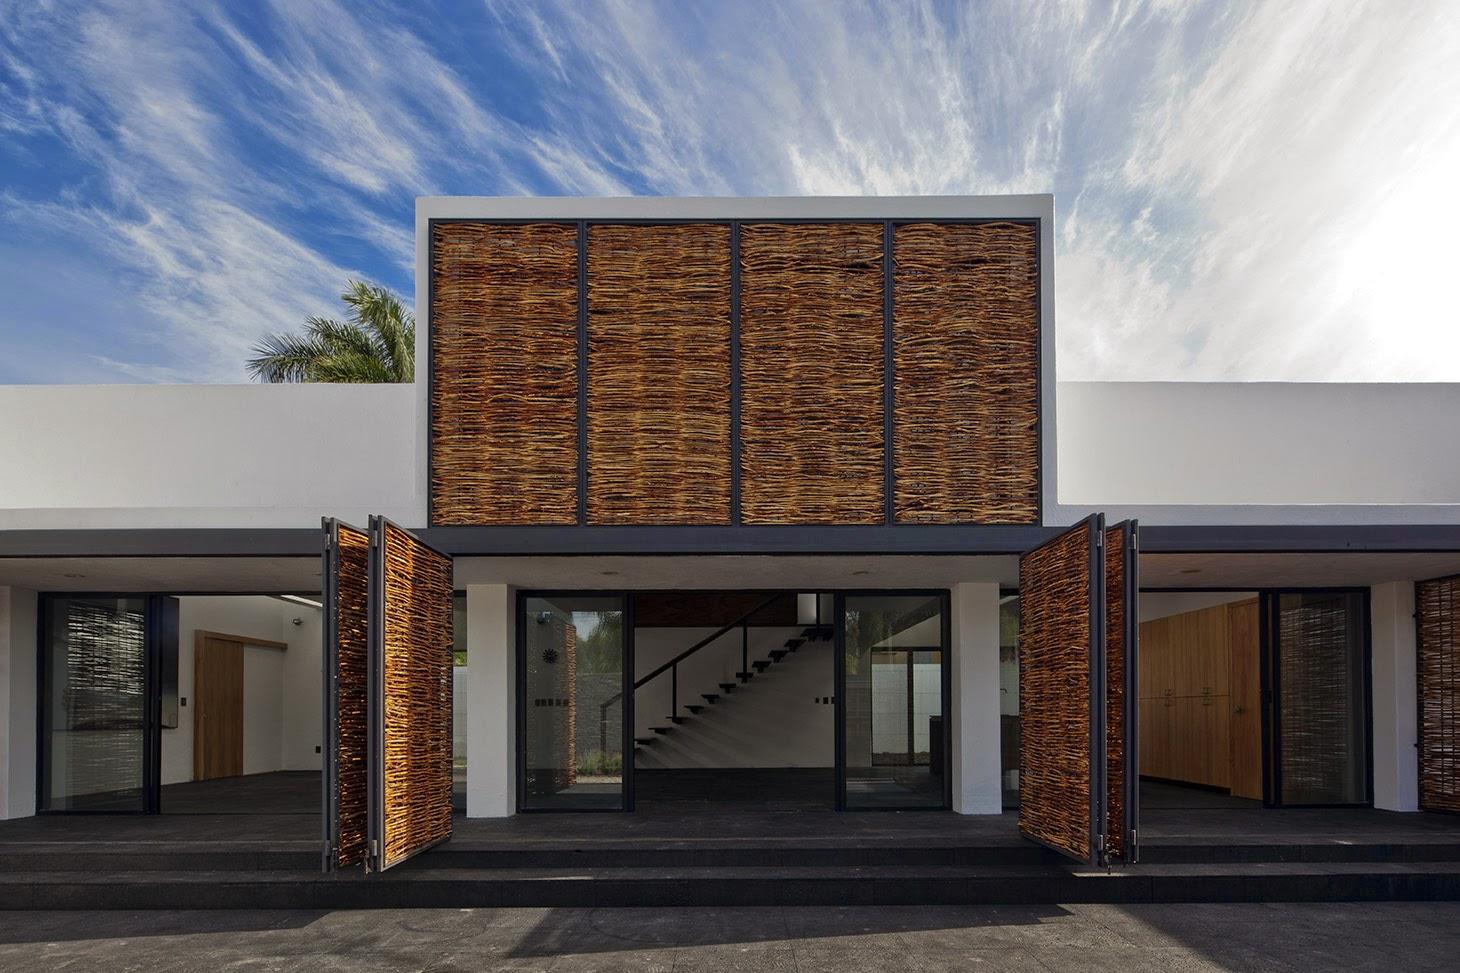 Rumah dengan Perpaduan Lokalitas dan Modernitas 21